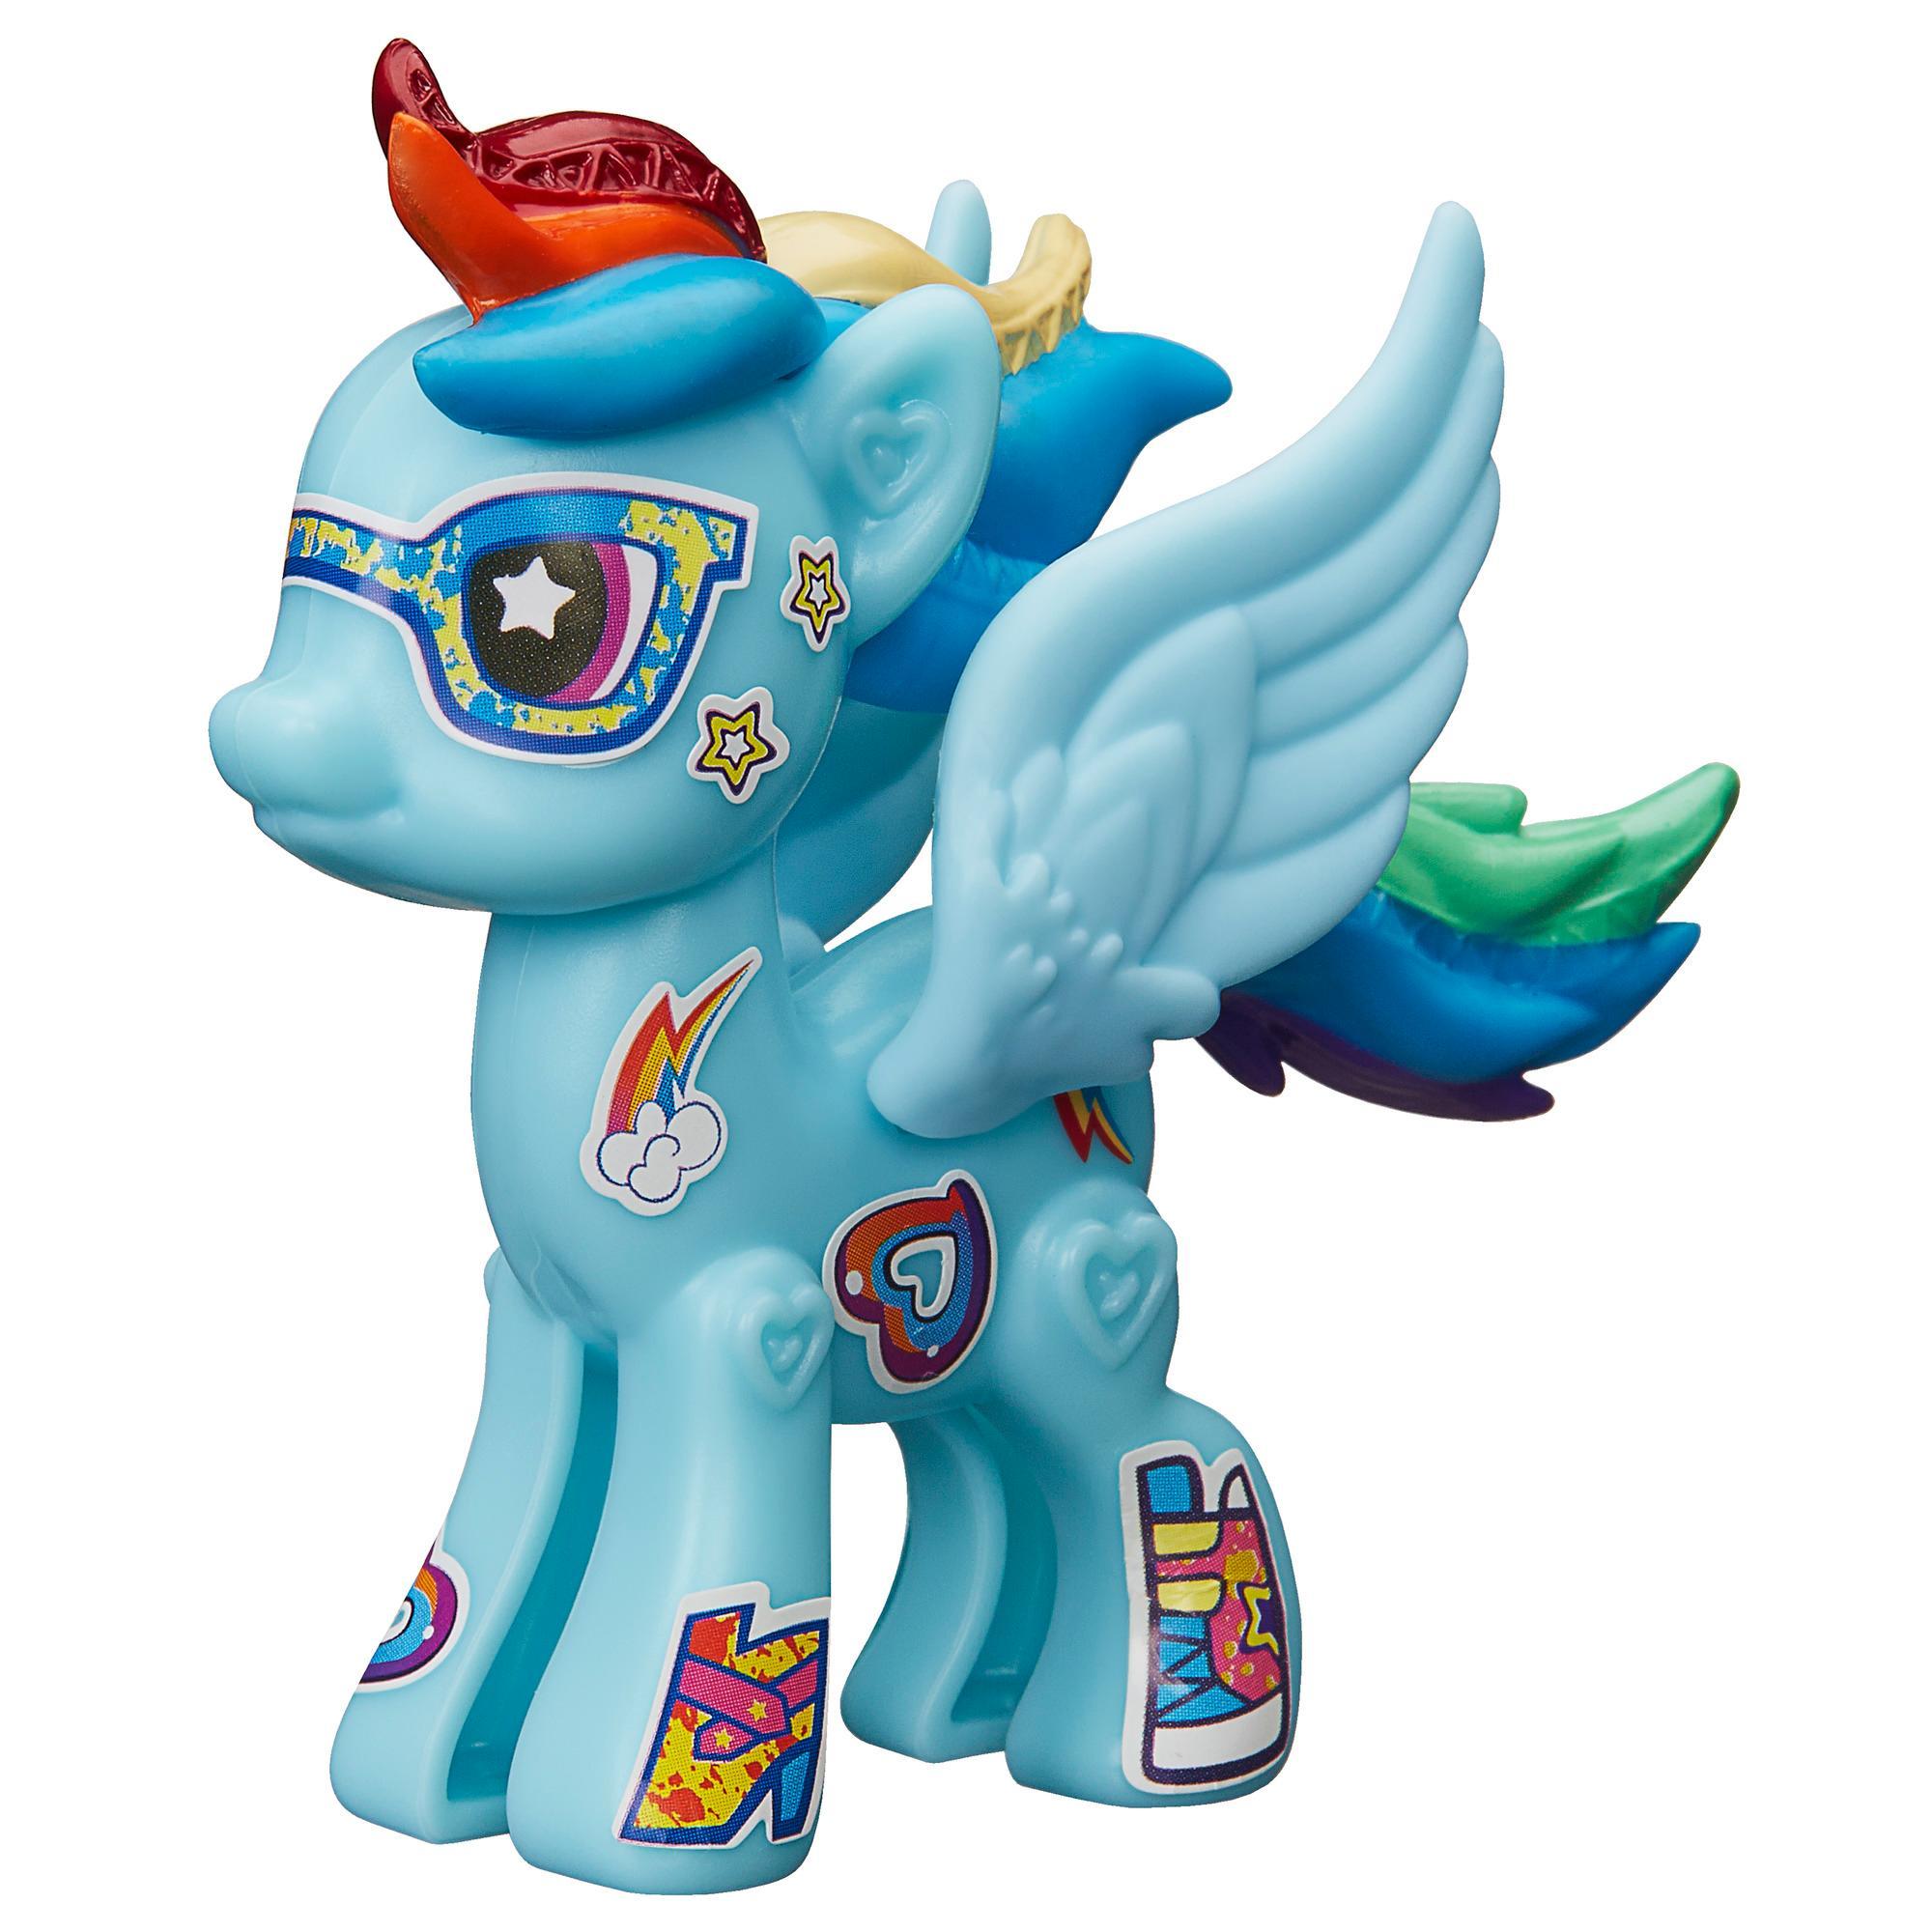 Игровой набор из серии My Little Pony – Создай свою пони: Радуга ДэшМоя маленькая пони (My Little Pony)<br>Игровой набор из серии My Little Pony – Создай свою пони: Радуга Дэш<br>